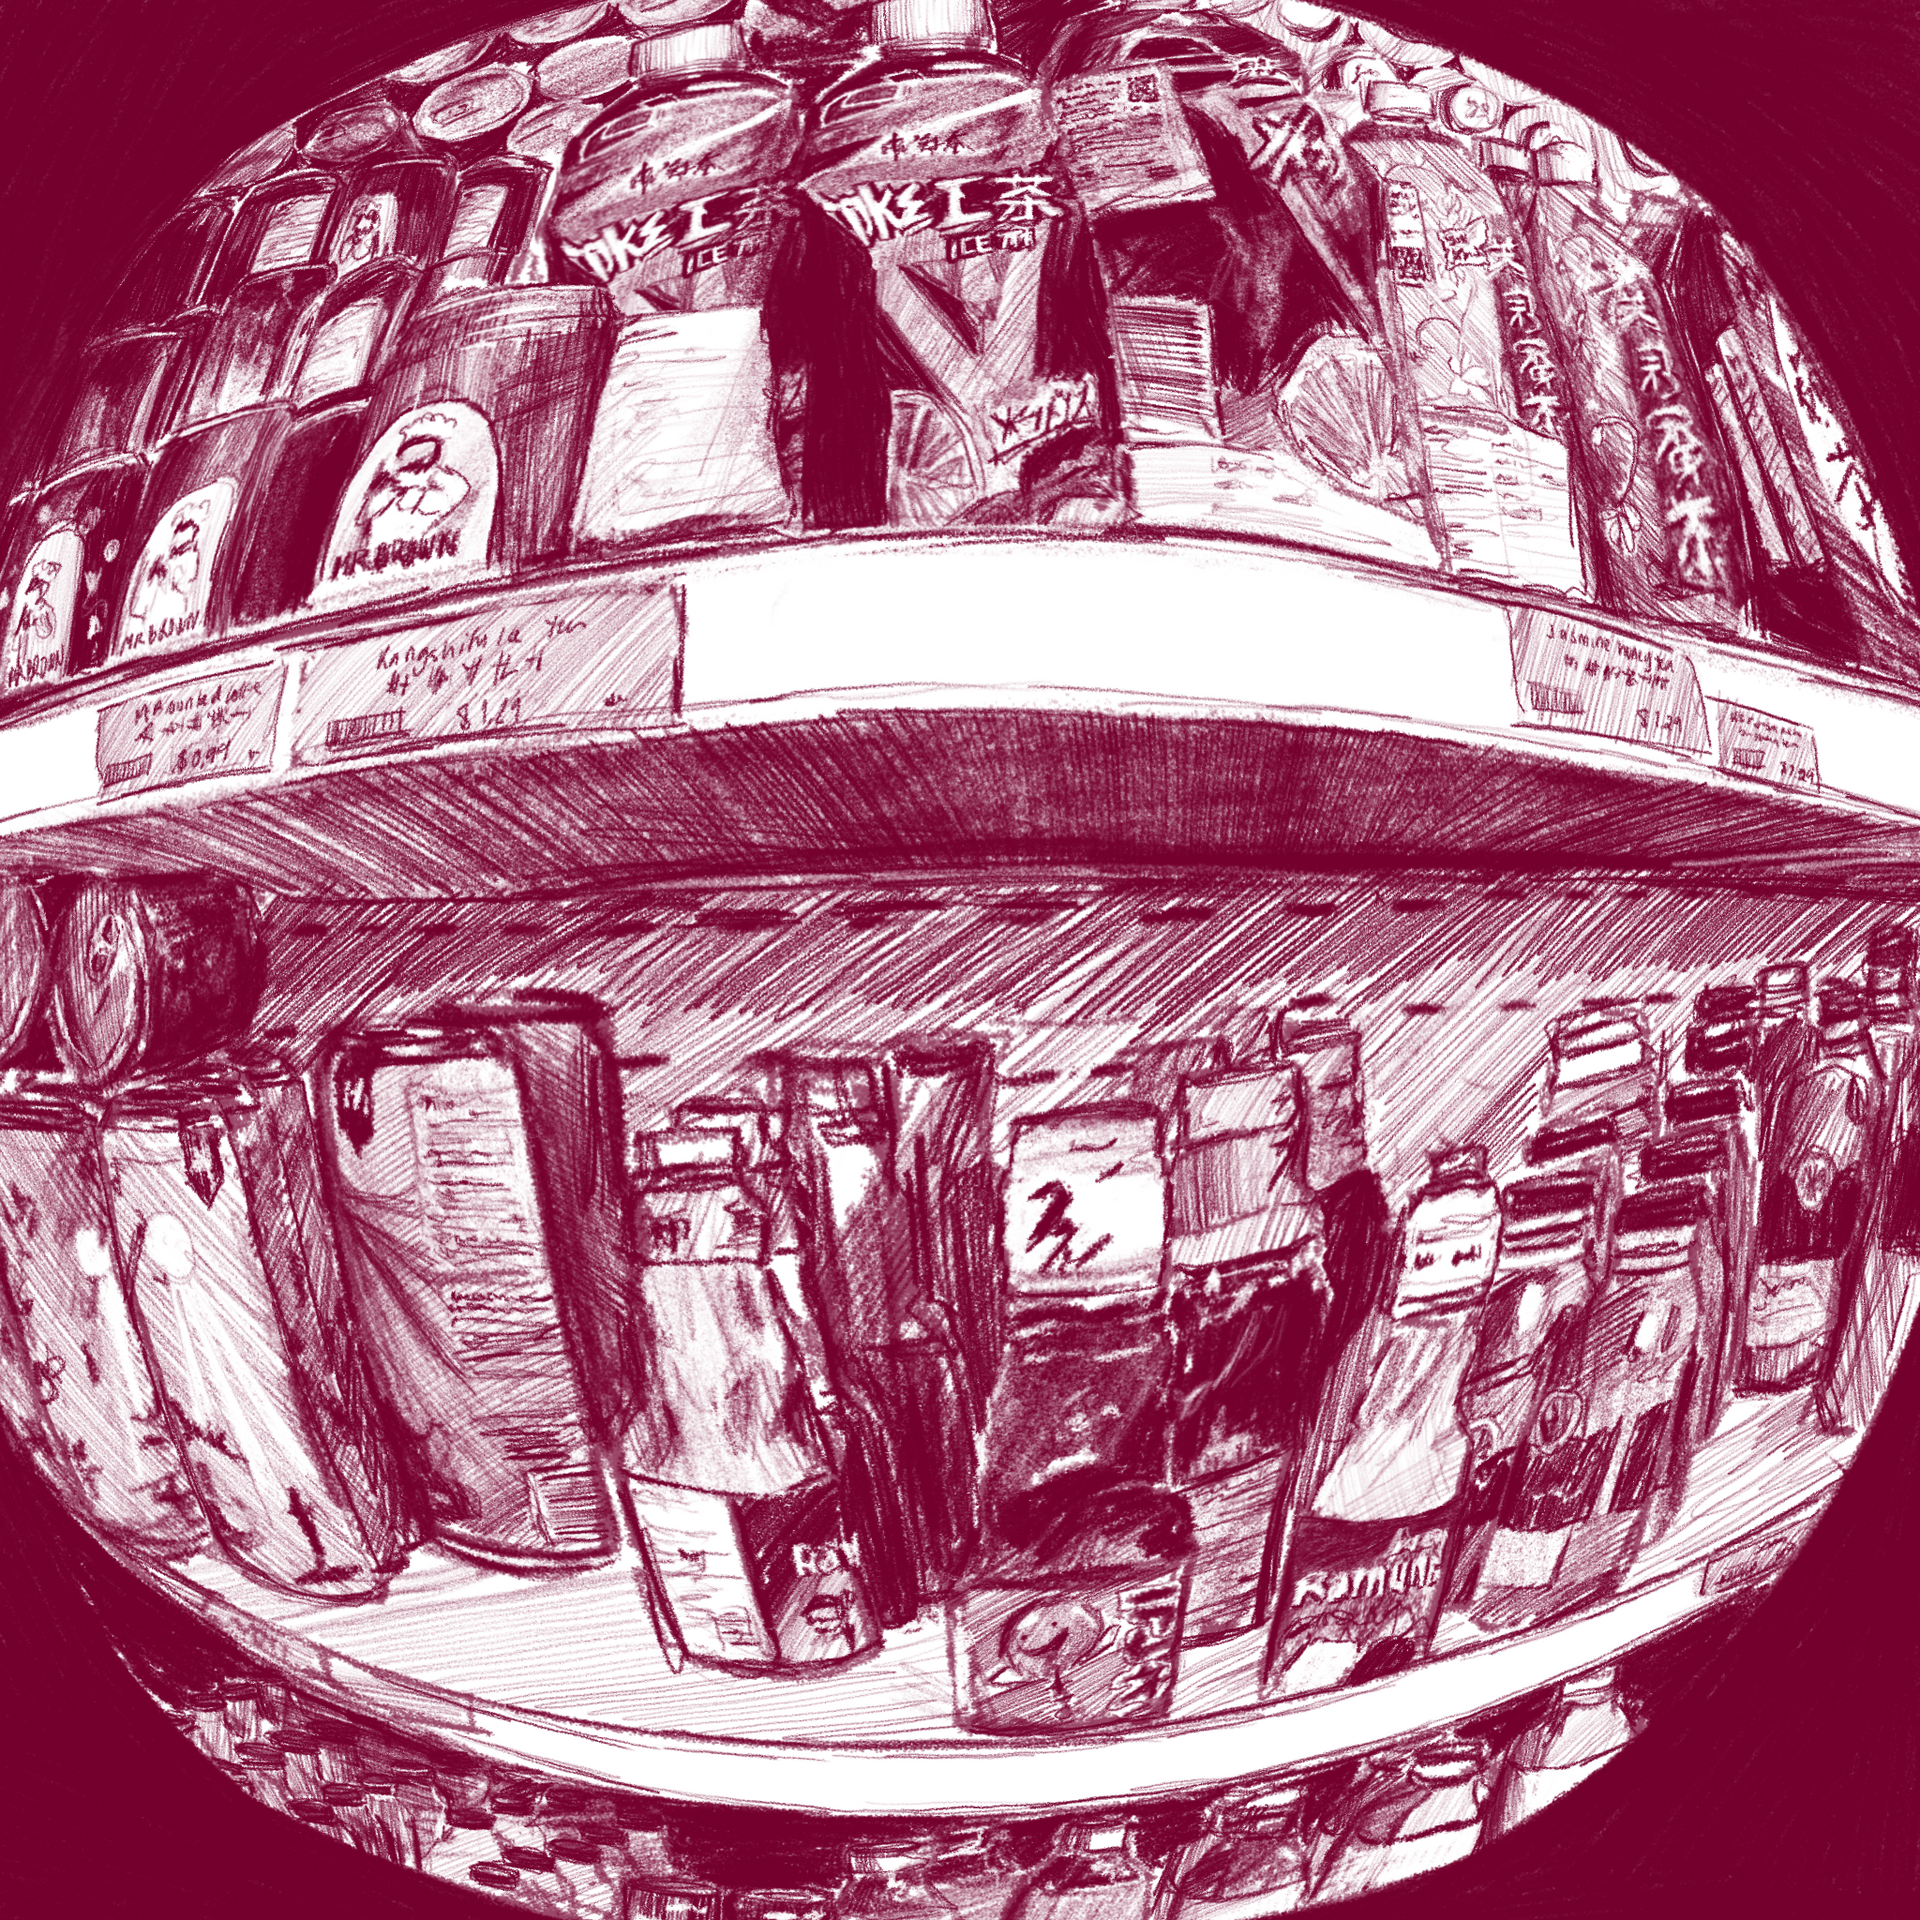 Grace Pham - Série Le marché